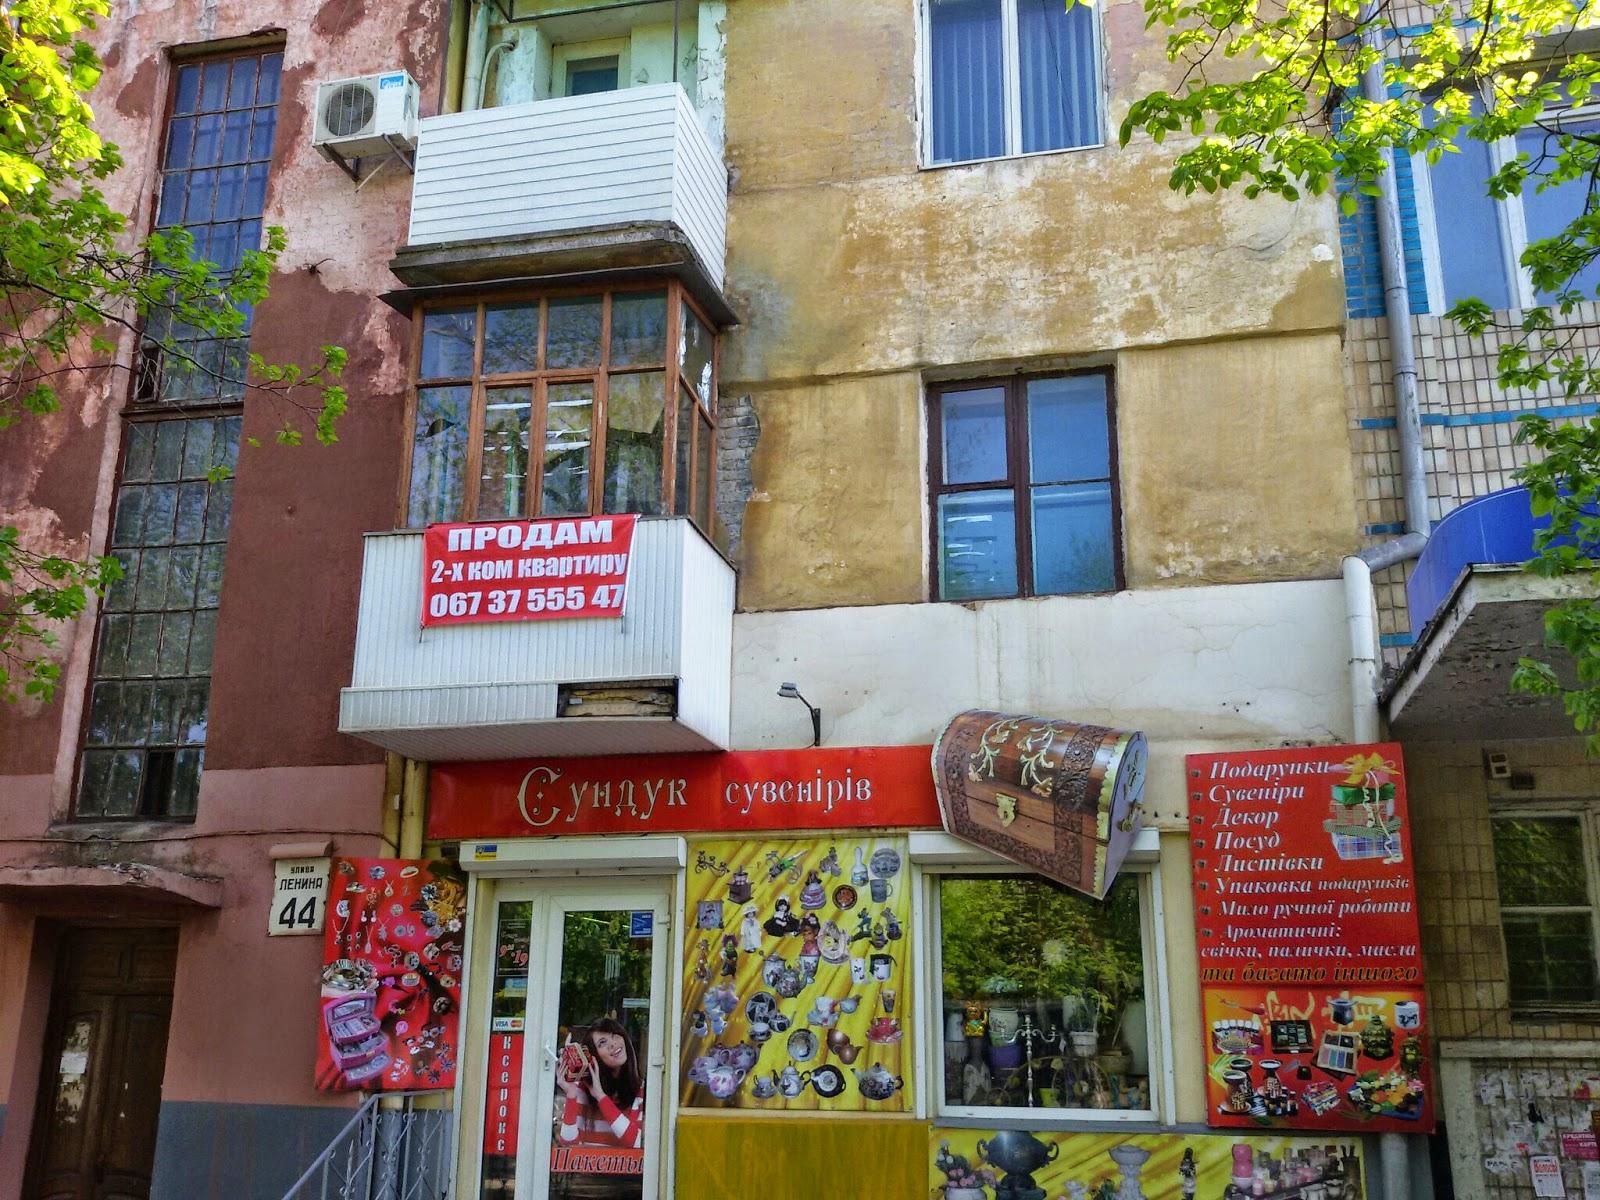 Продается 2-х комн. сталинка 2/3 этажного дома по ул. Ленина, 44